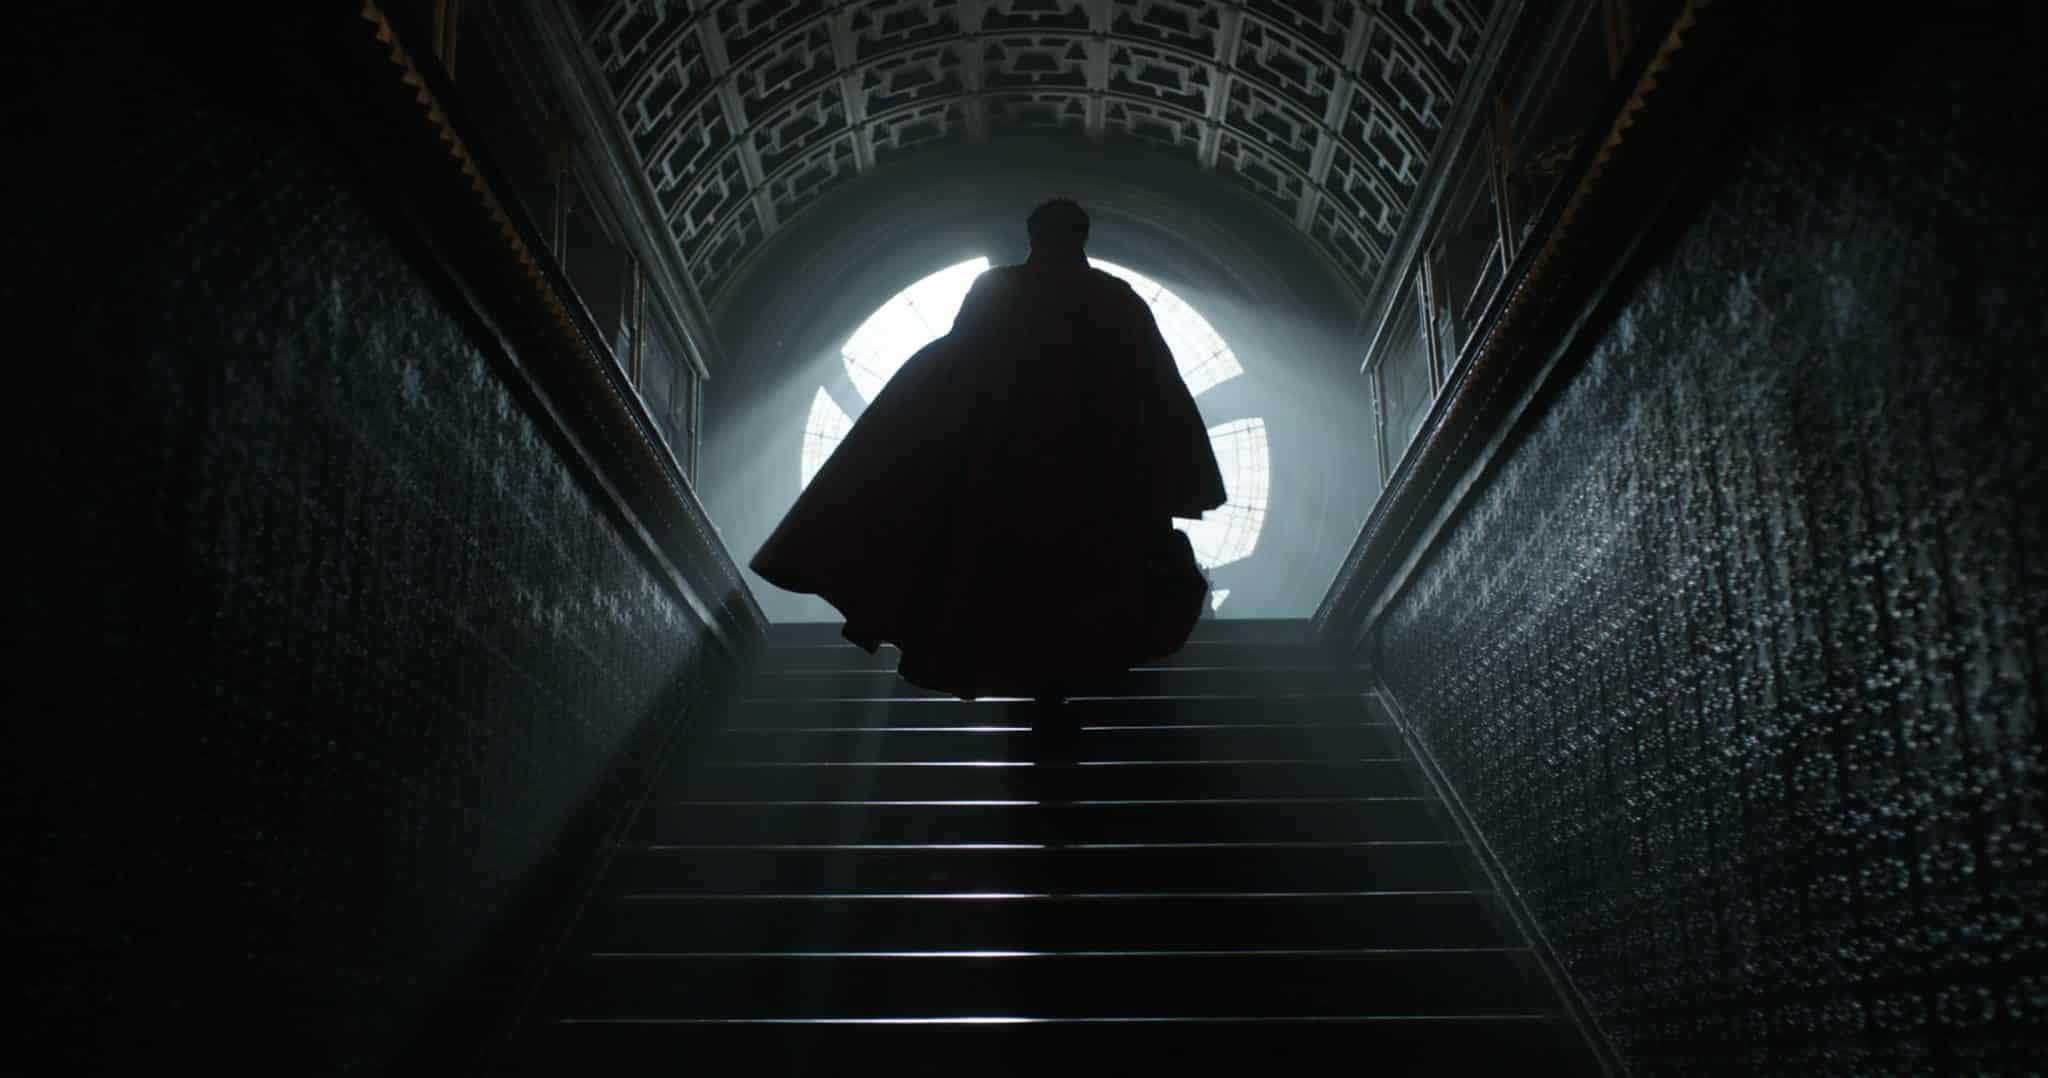 NEW Featurette for Marvel's Doctor Strange! #DoctorStrange   ThisNThatwithOlivia.com